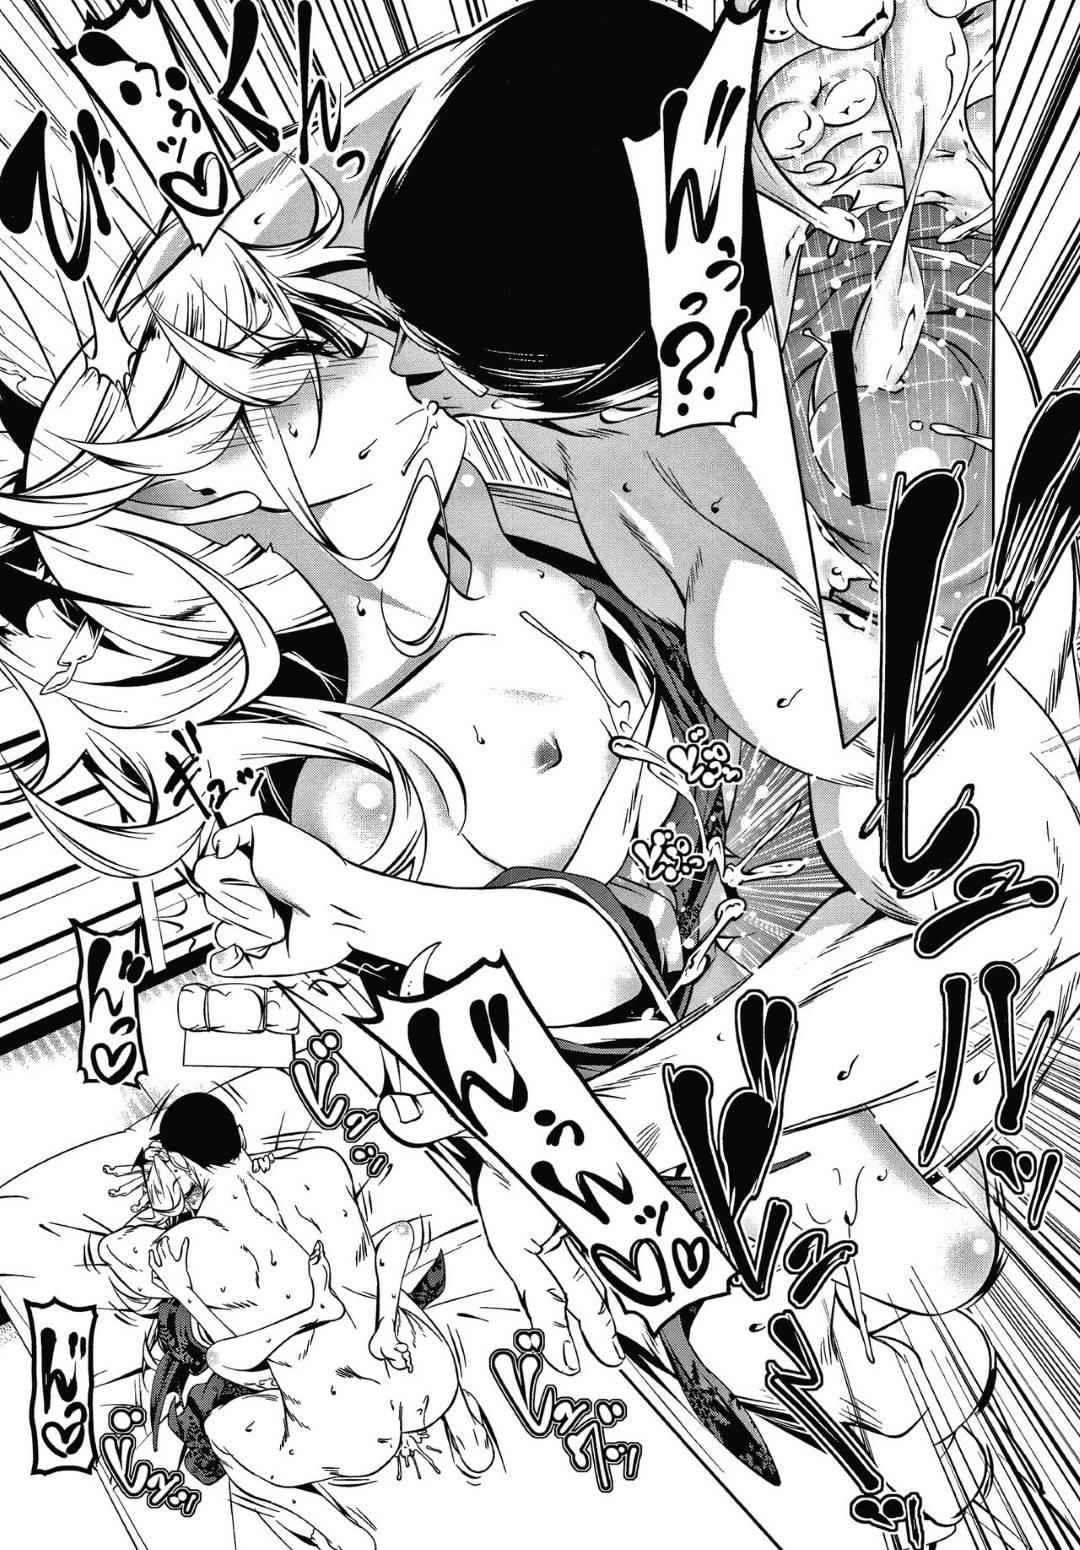 【エロ漫画】主人公たちと旅館へと招いたサキュバスの女将…彼に欲情した女将は彼の部屋へと入るや否やフェラでご奉仕して口内射精させる。それだけで留まる訳もなく、正常位、バック、騎乗位など様々な体位で連続中出しセックス。【田辺京:LOVEぷち穴6】